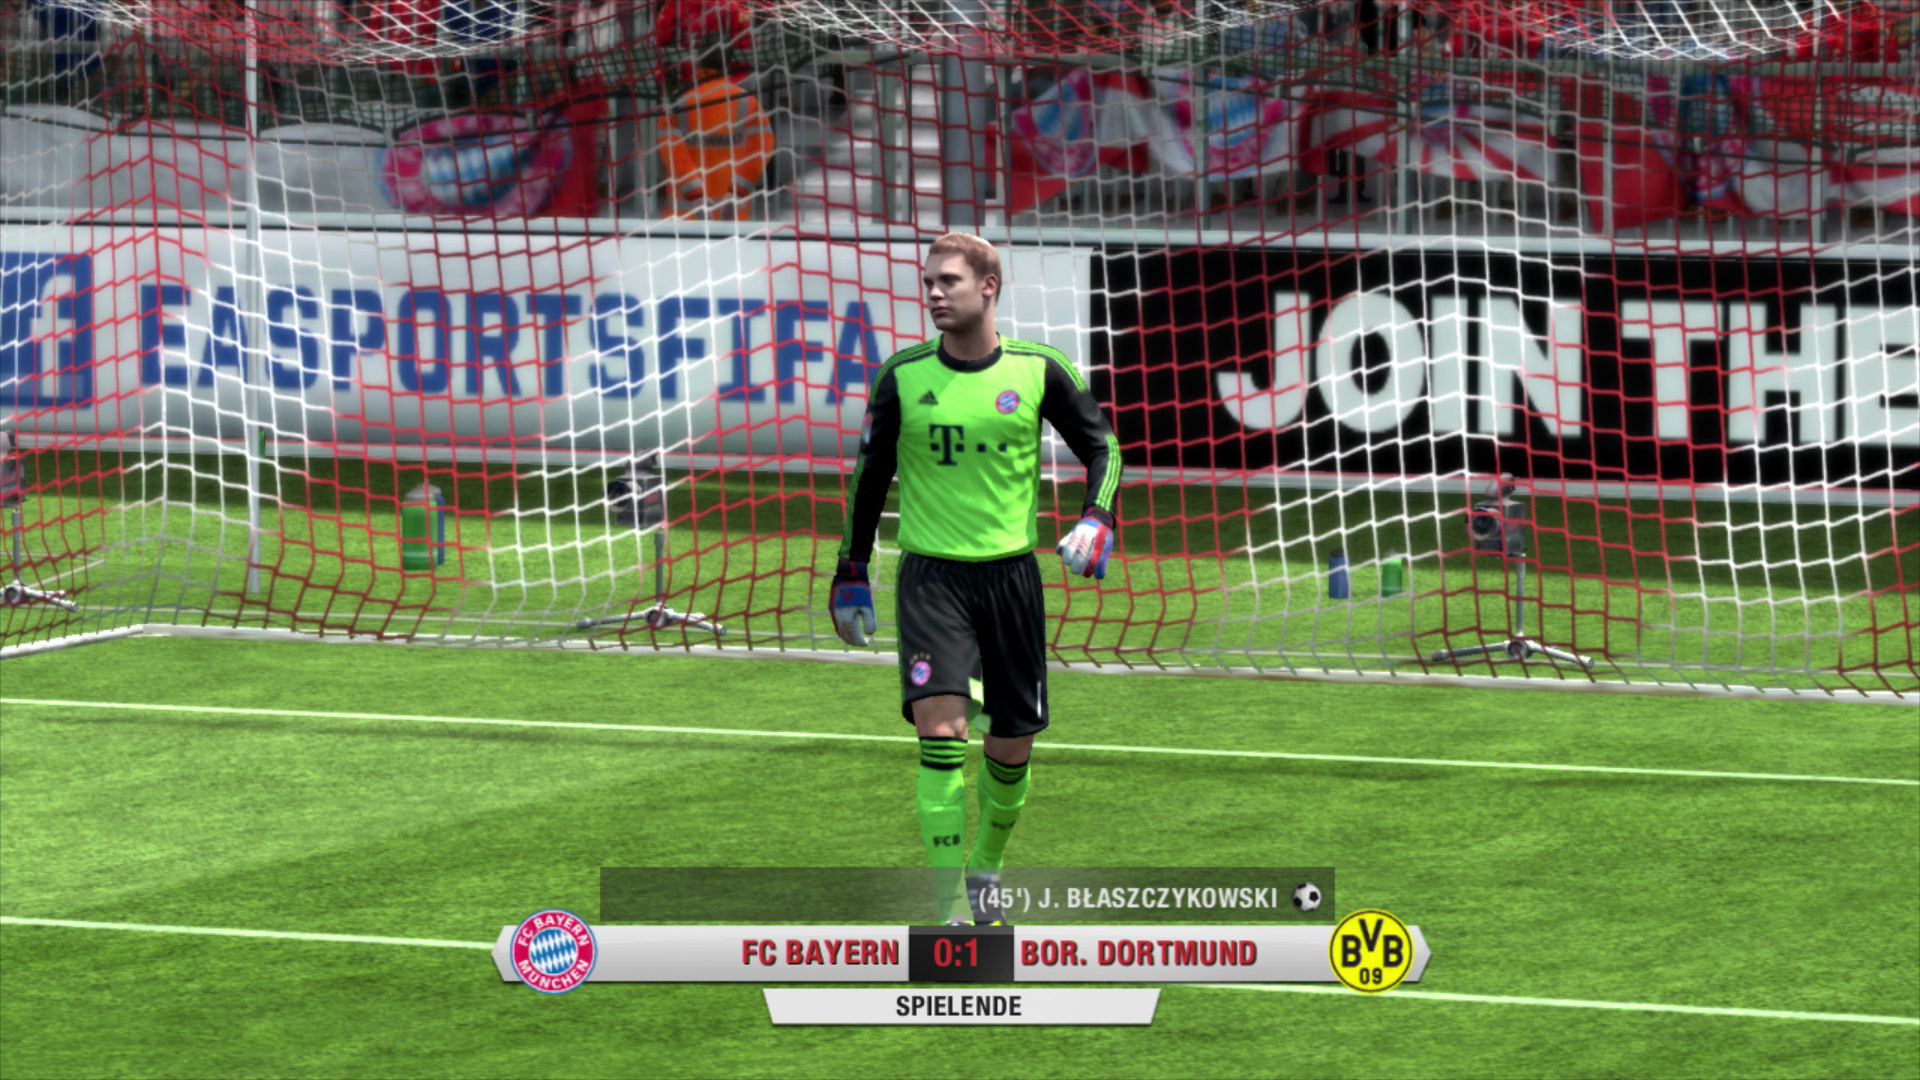 Test Fifa 13: Mehr Realismus dank Stolperfußball? -